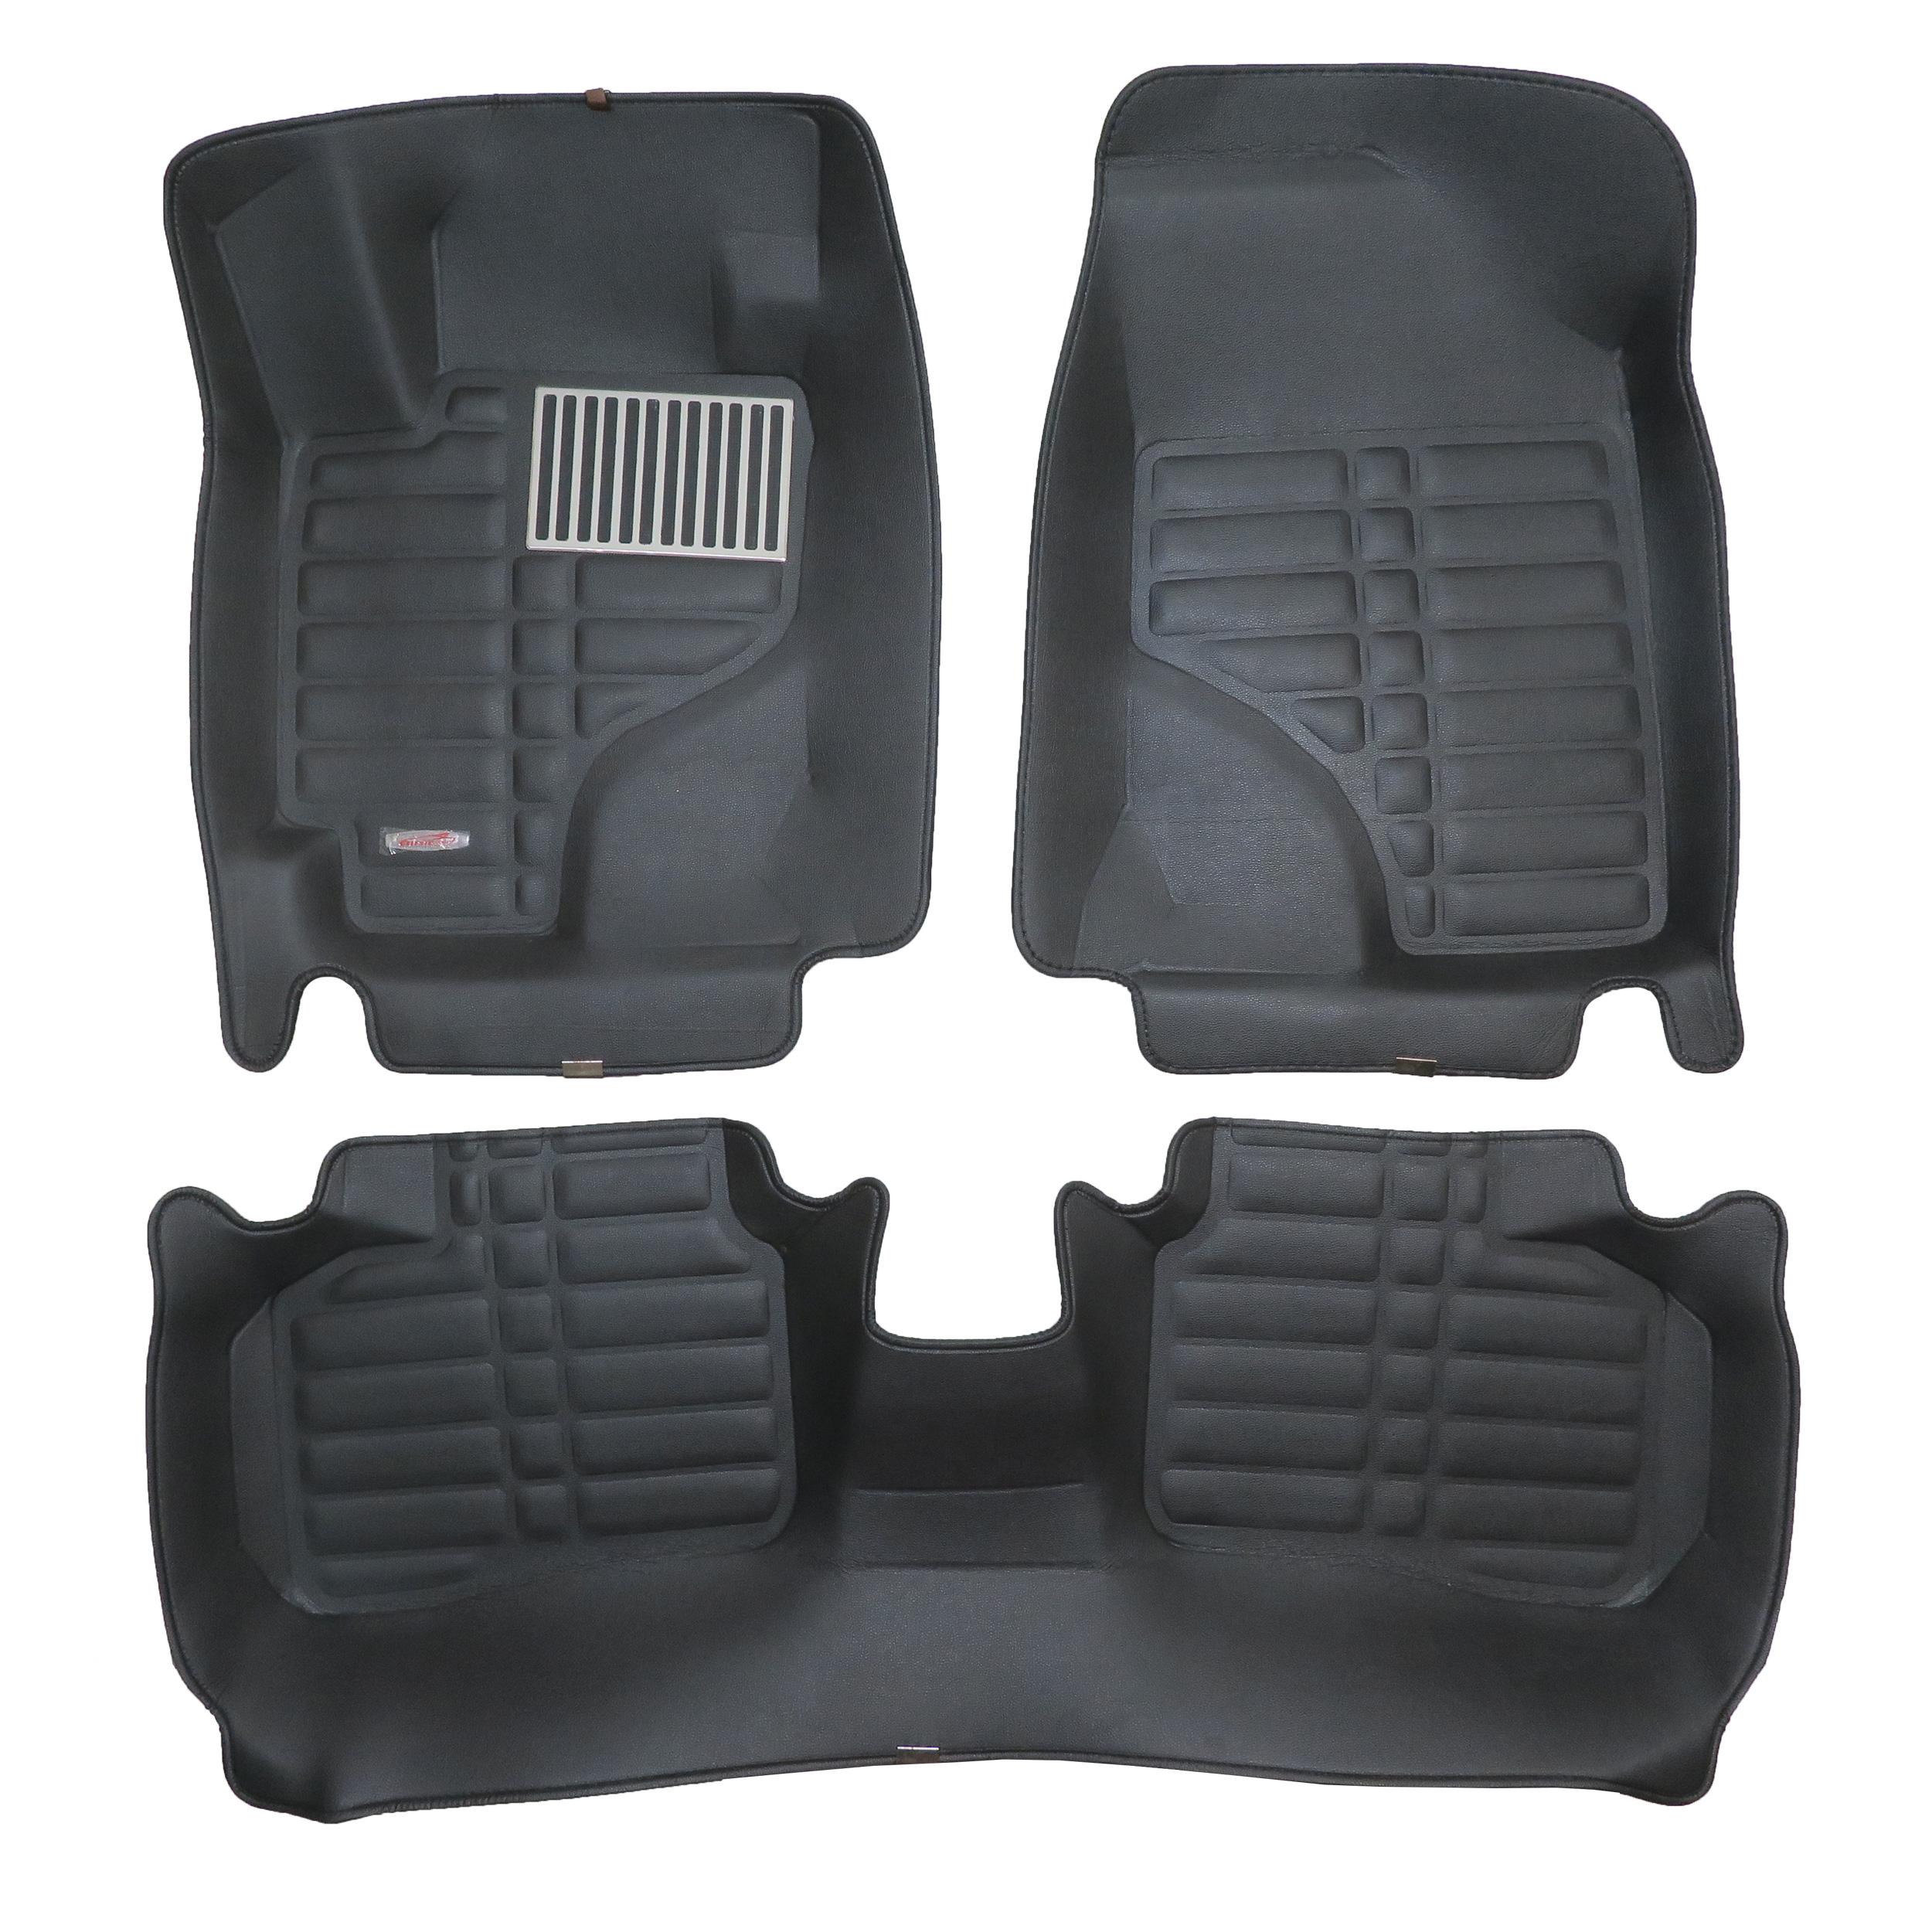 روکش صندلی خودرو مدل sv02 مناسب برای سراتو سایپا